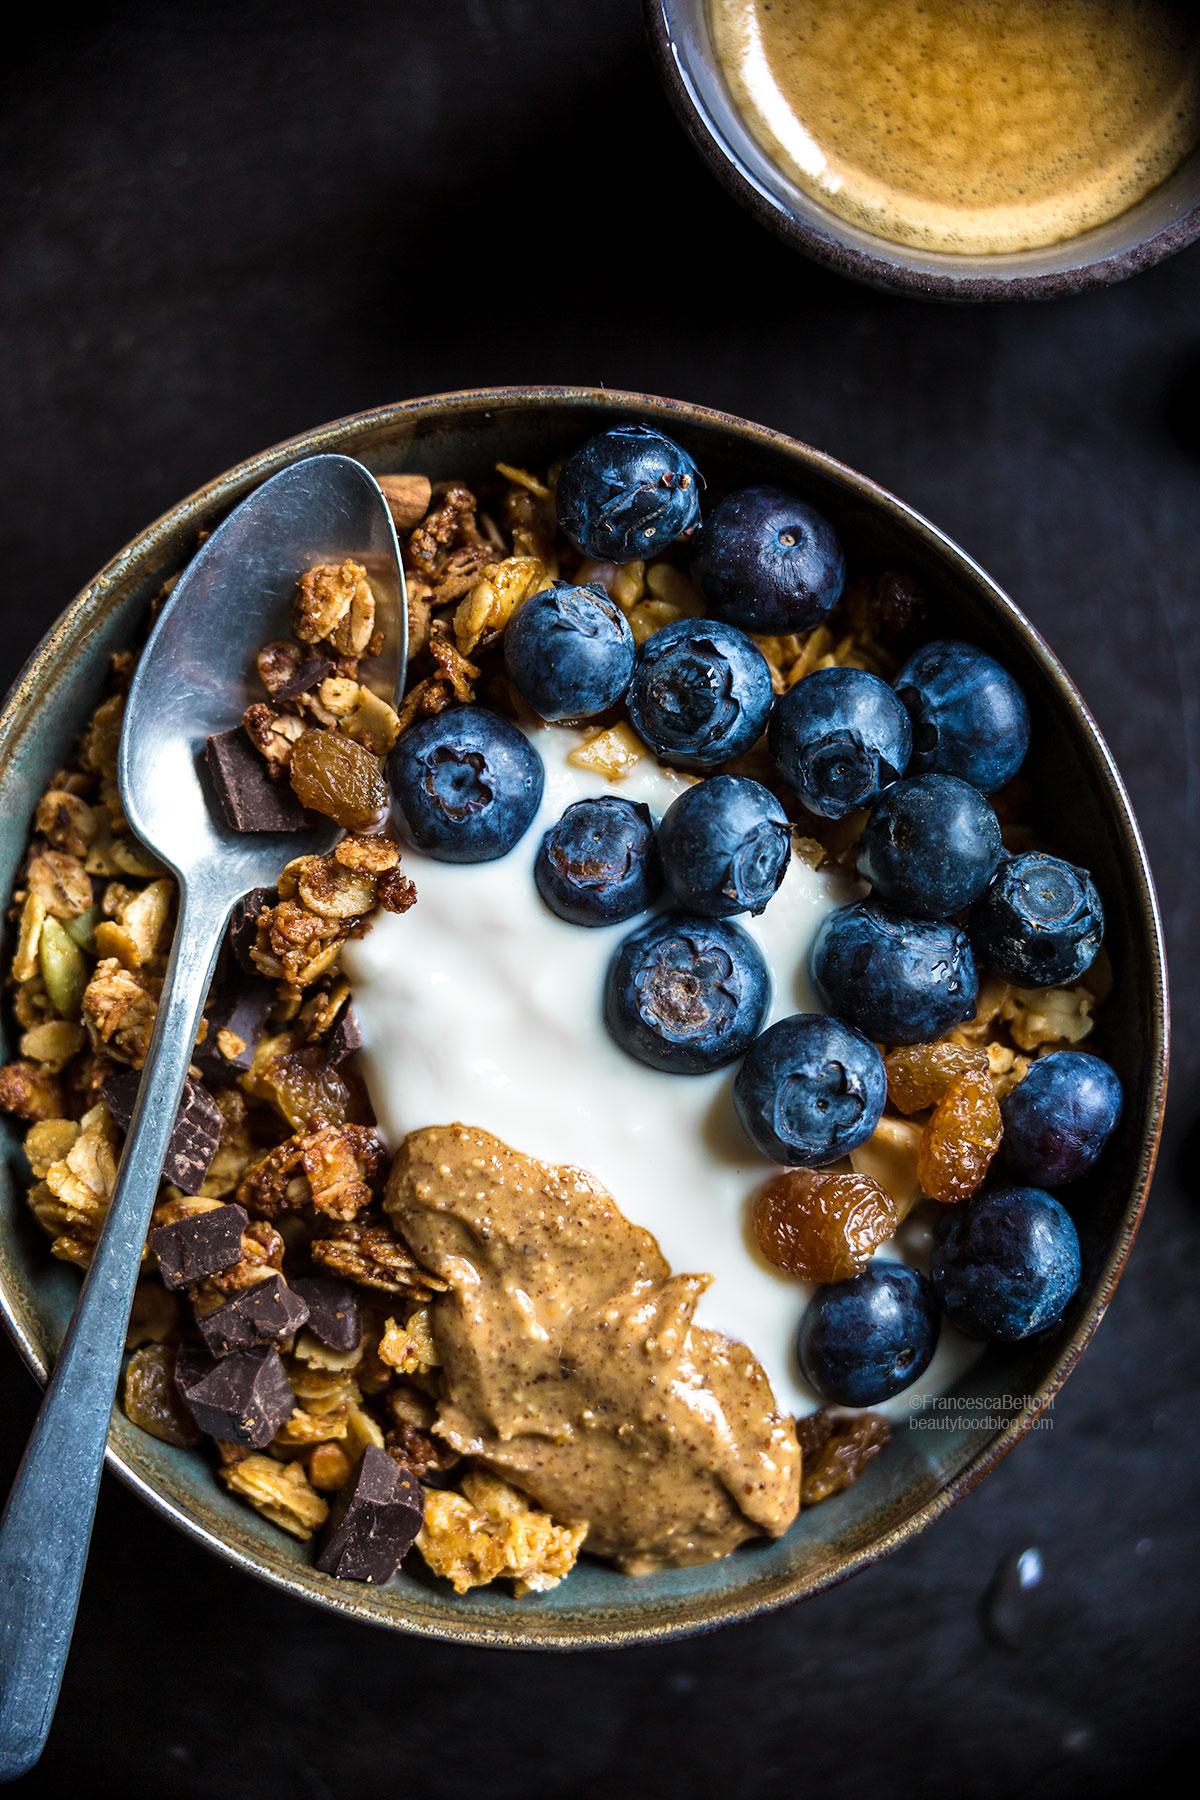 vegan chocolate coconut almond granola #glutenfree #crunchy - ricetta granola vegan cioccolato cocco e mandorle croccante senza glutine